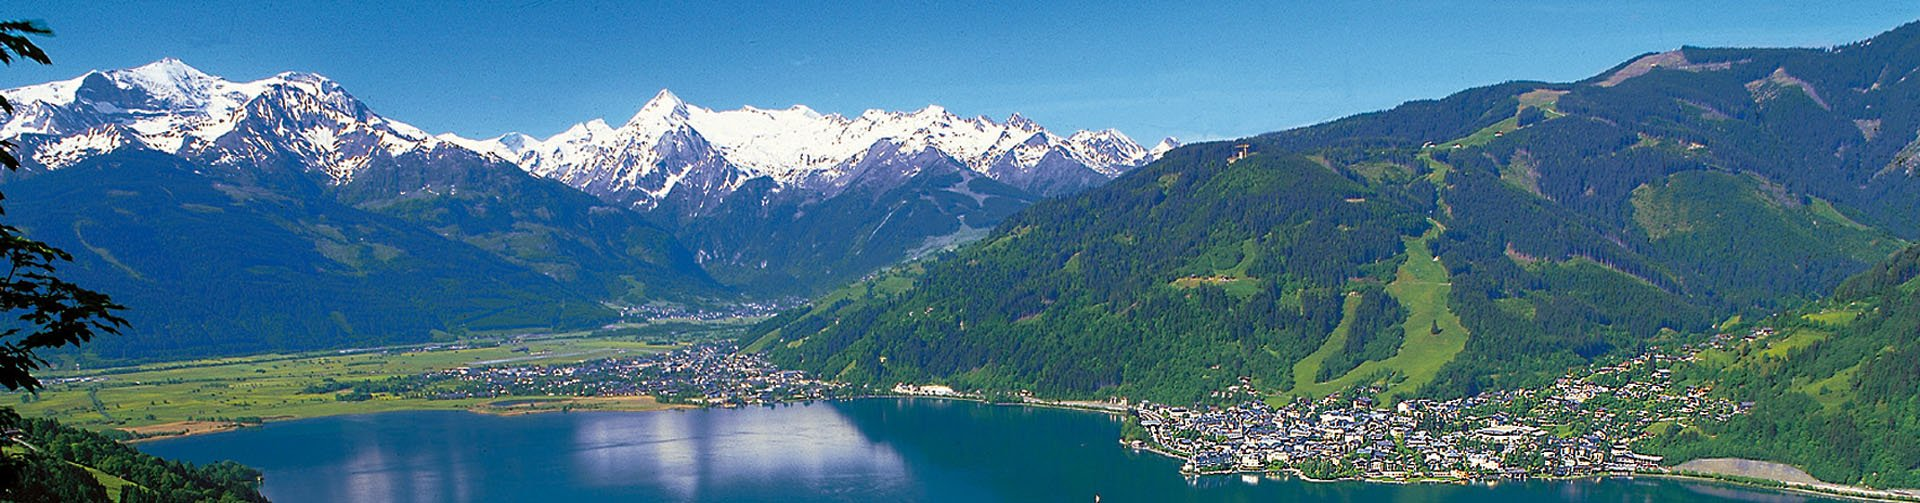 Oostenrijk fantastisch uitzicht op de bergtoppen